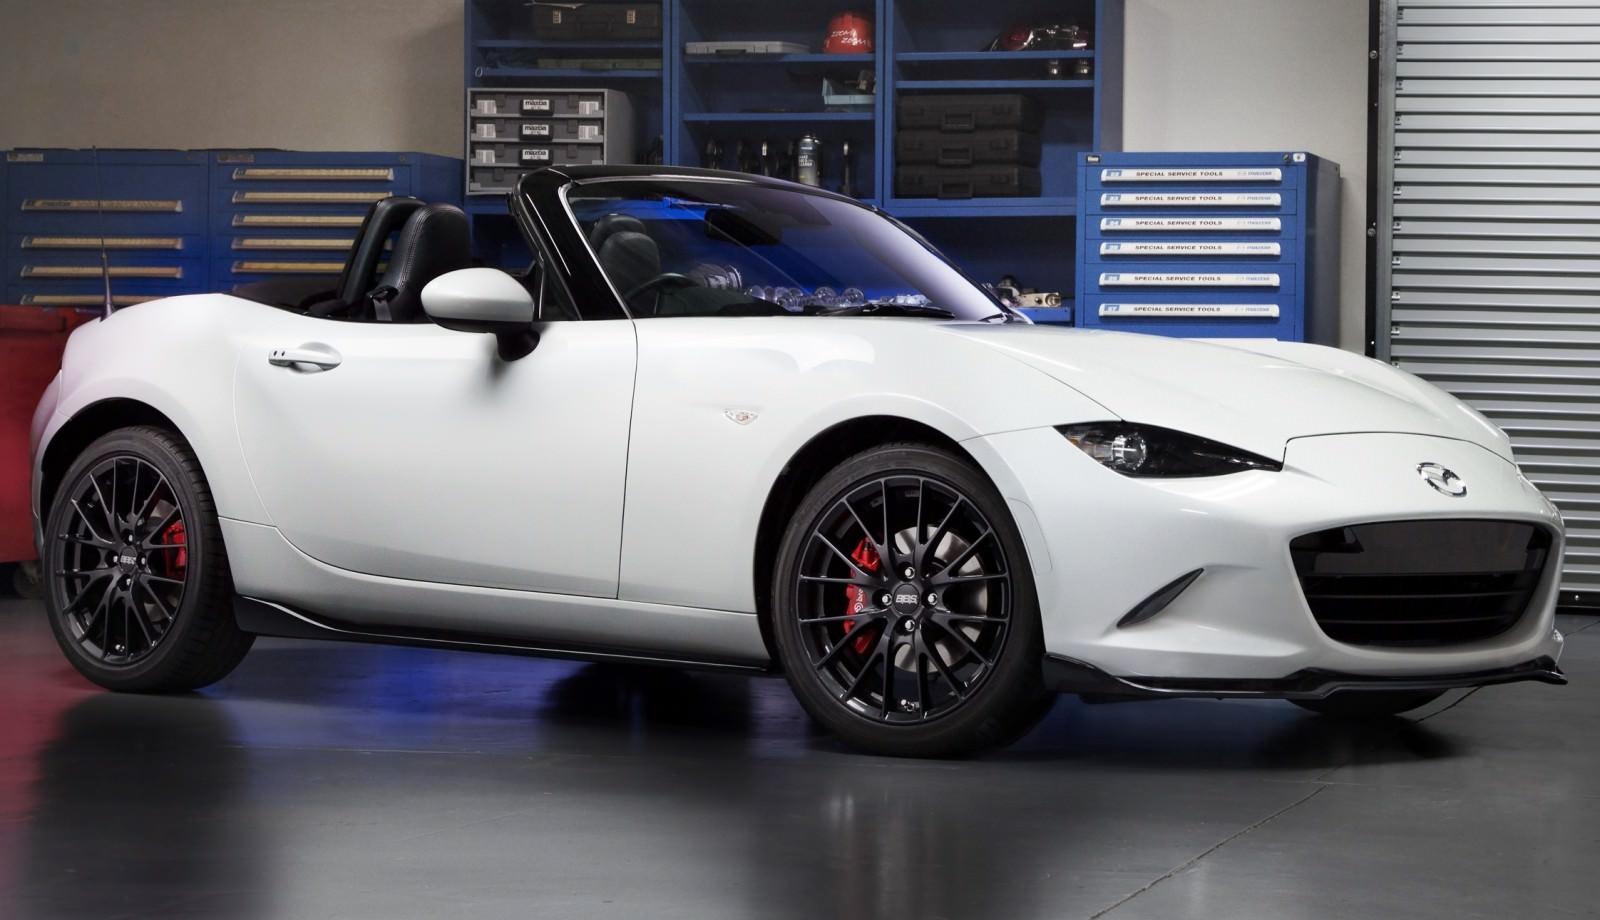 2016 Mazda MX 5 Aero Accessories